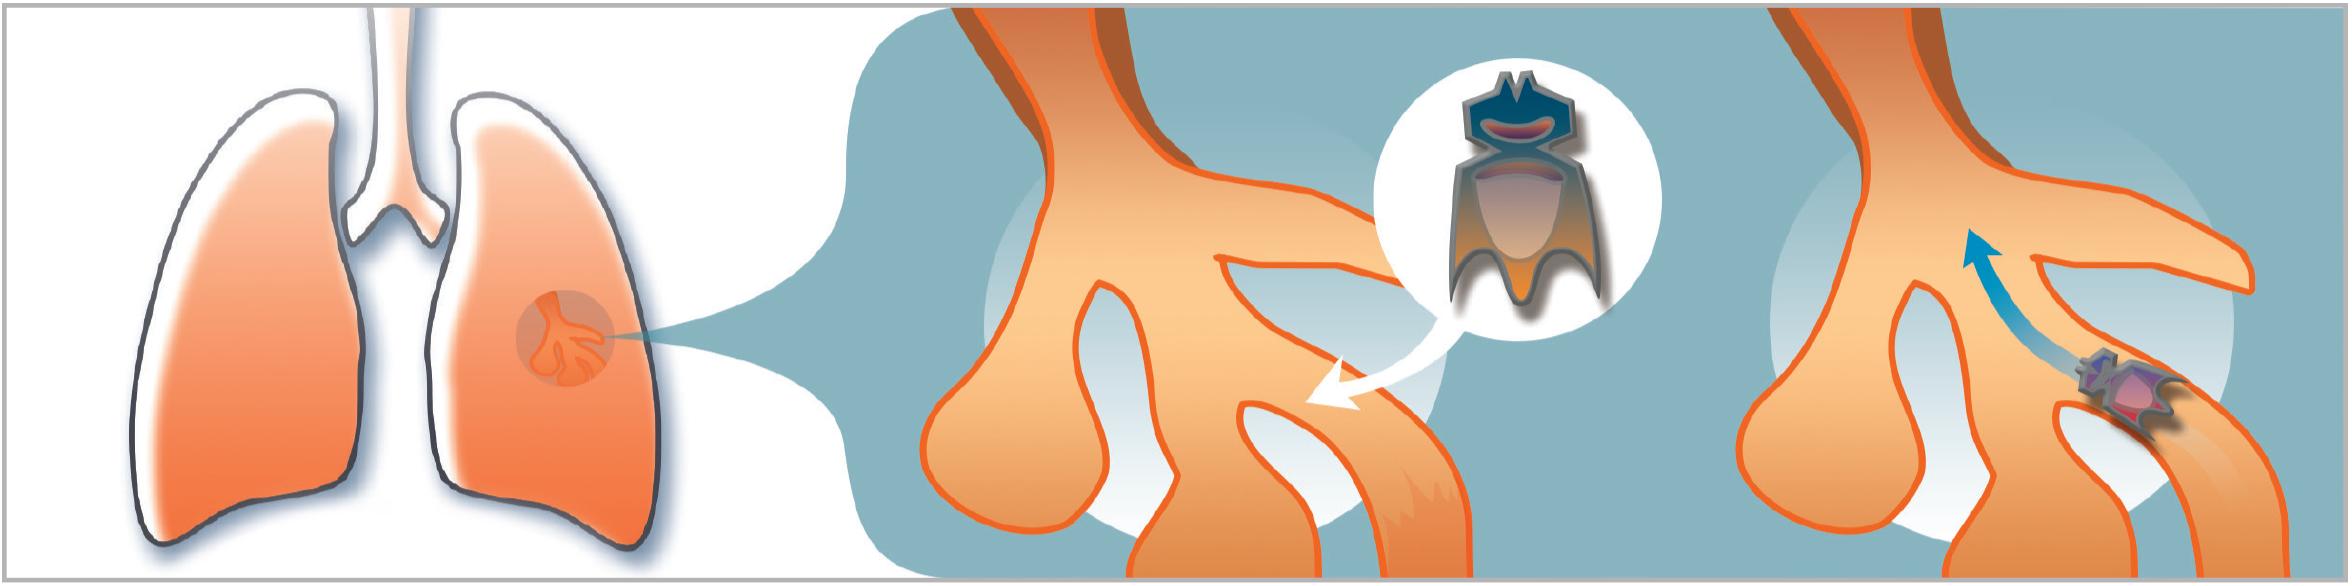 Im Rahmen einer Lungenspiegelung können Endobronchialventile gesetzt werden, die den Luftstrom in die Verästelungen der Lungen regeln. Damit wird die Funktionseinschränkung bei einem Lungenemphysem gemindert.